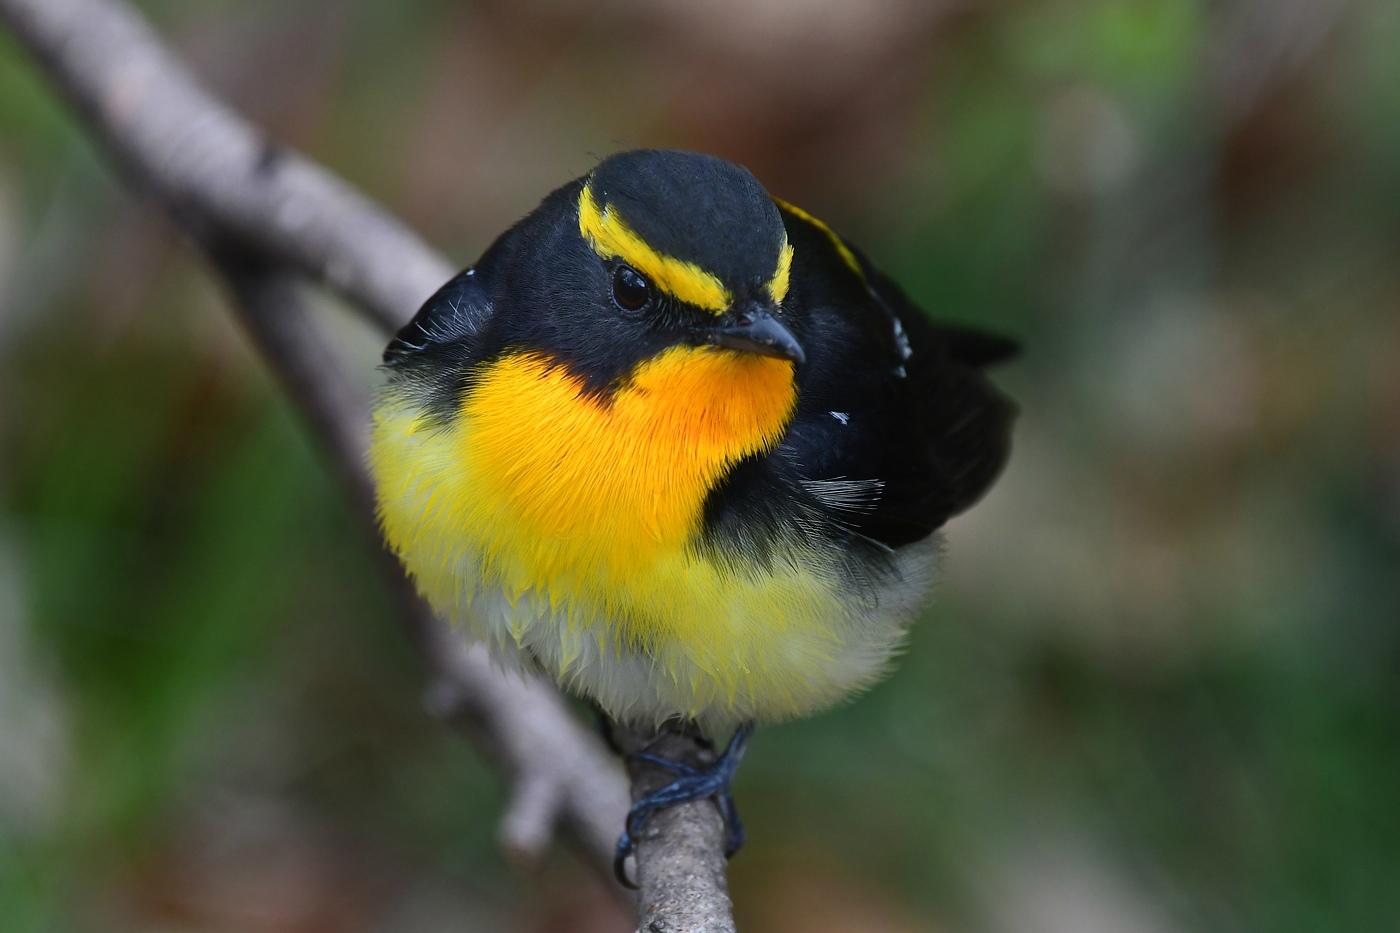 令和元年 最初の鳥さんは キビタキ_f0053272_23124862.jpg